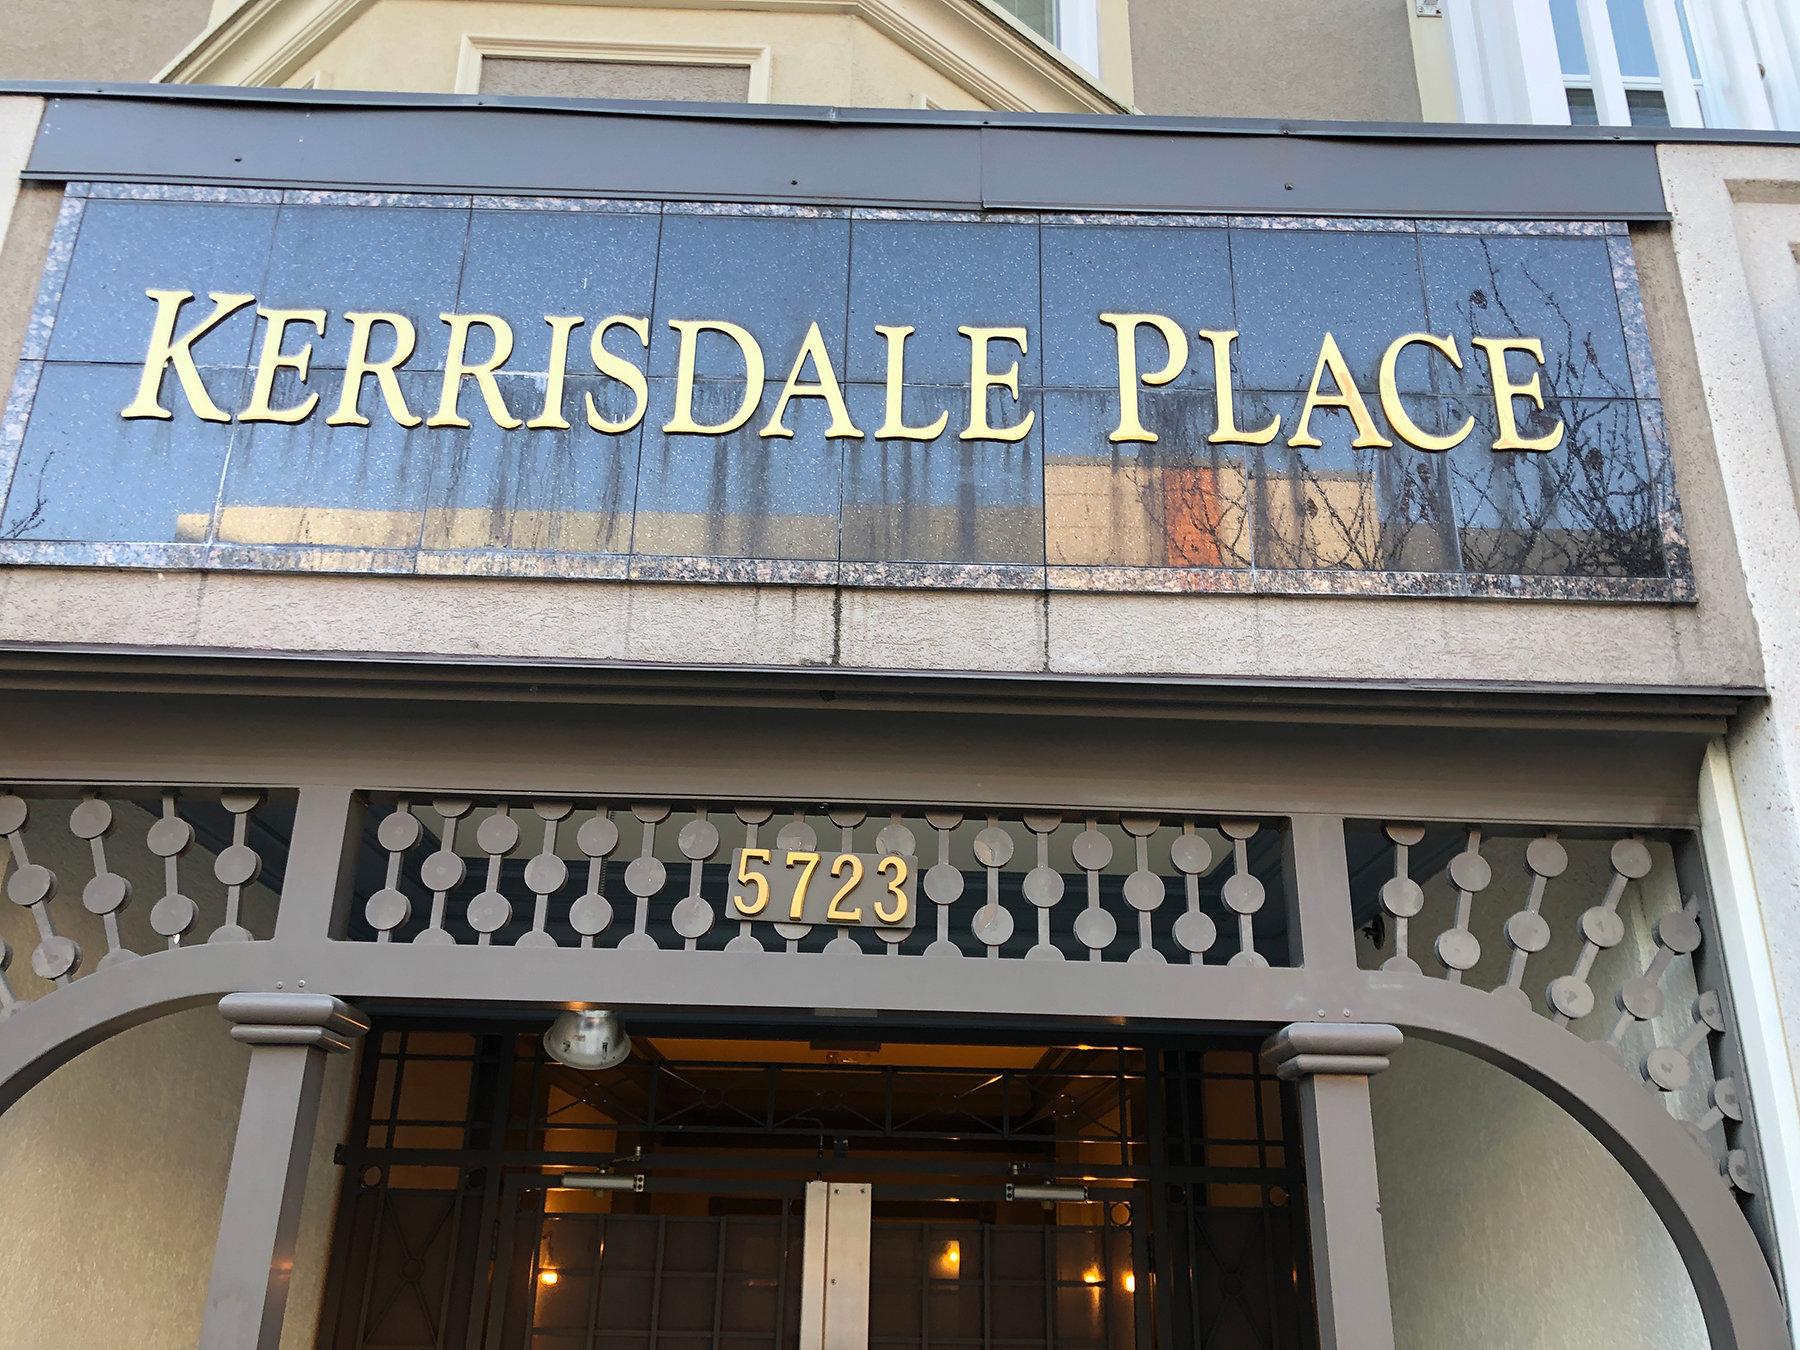 Kerrisdale Place 5723 Balsam Entrance!